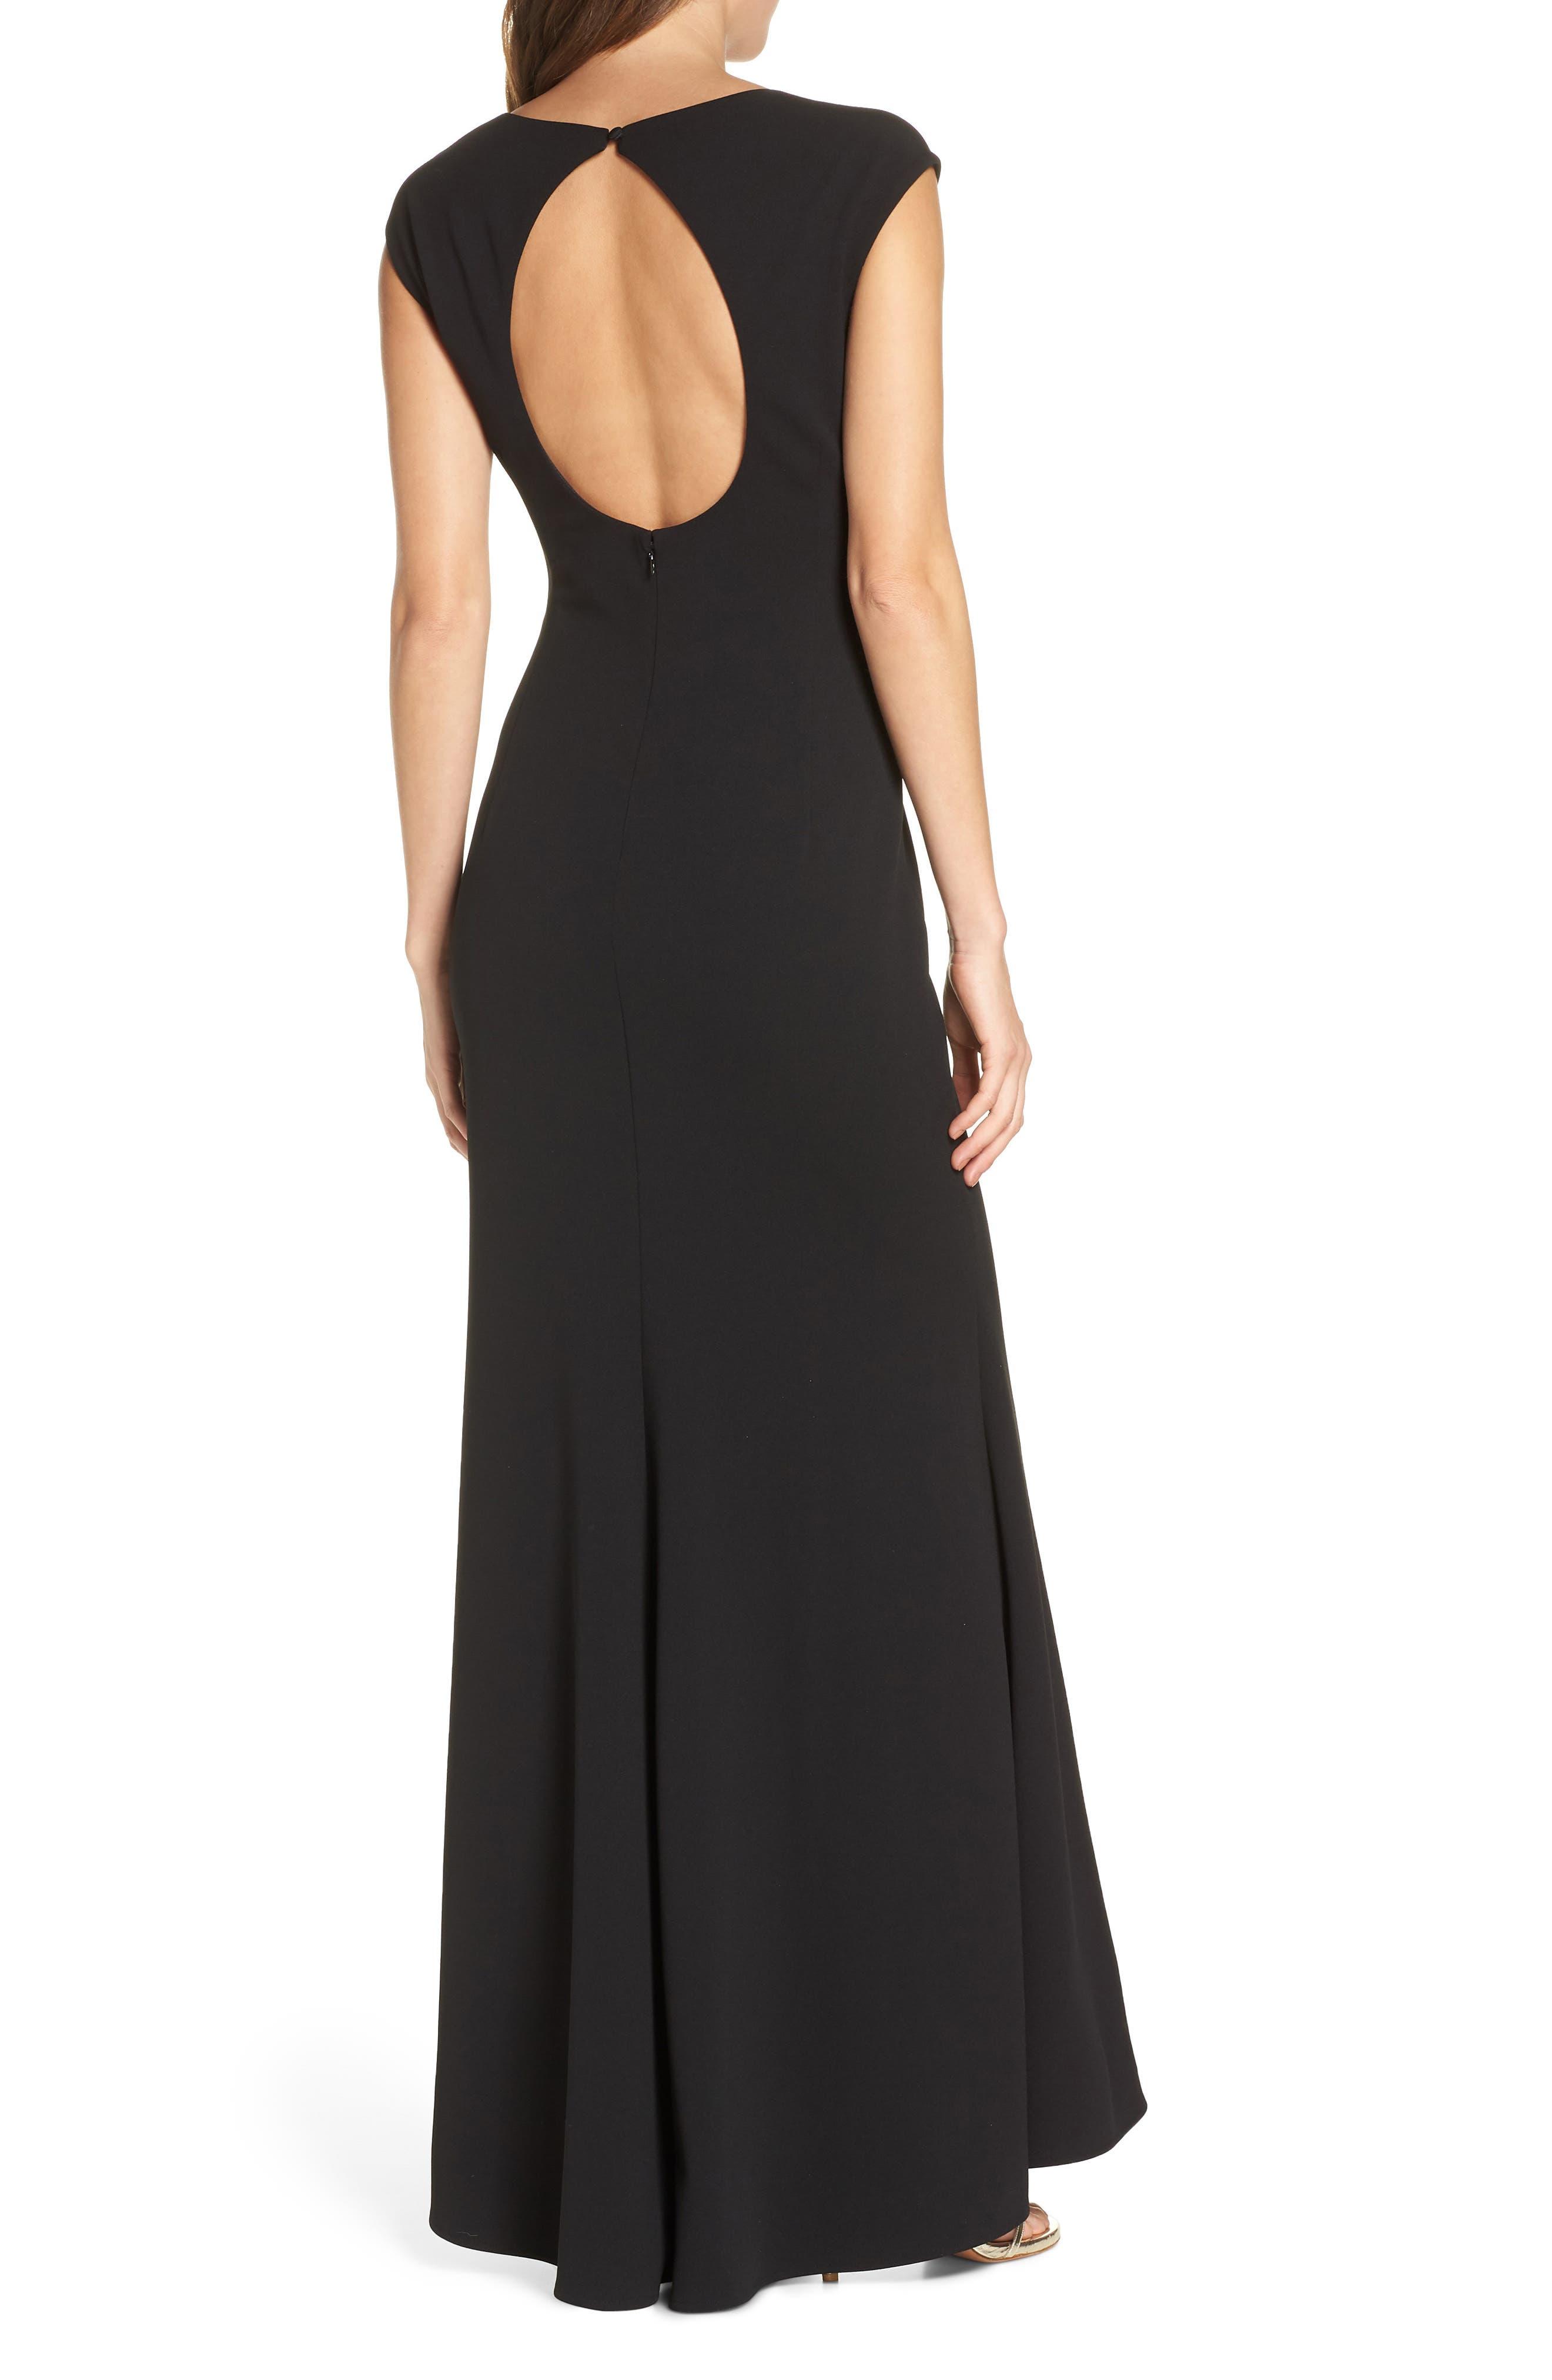 ELIZA J, Square Neck Scuba Crepe Evening Dress, Alternate thumbnail 4, color, BLACK